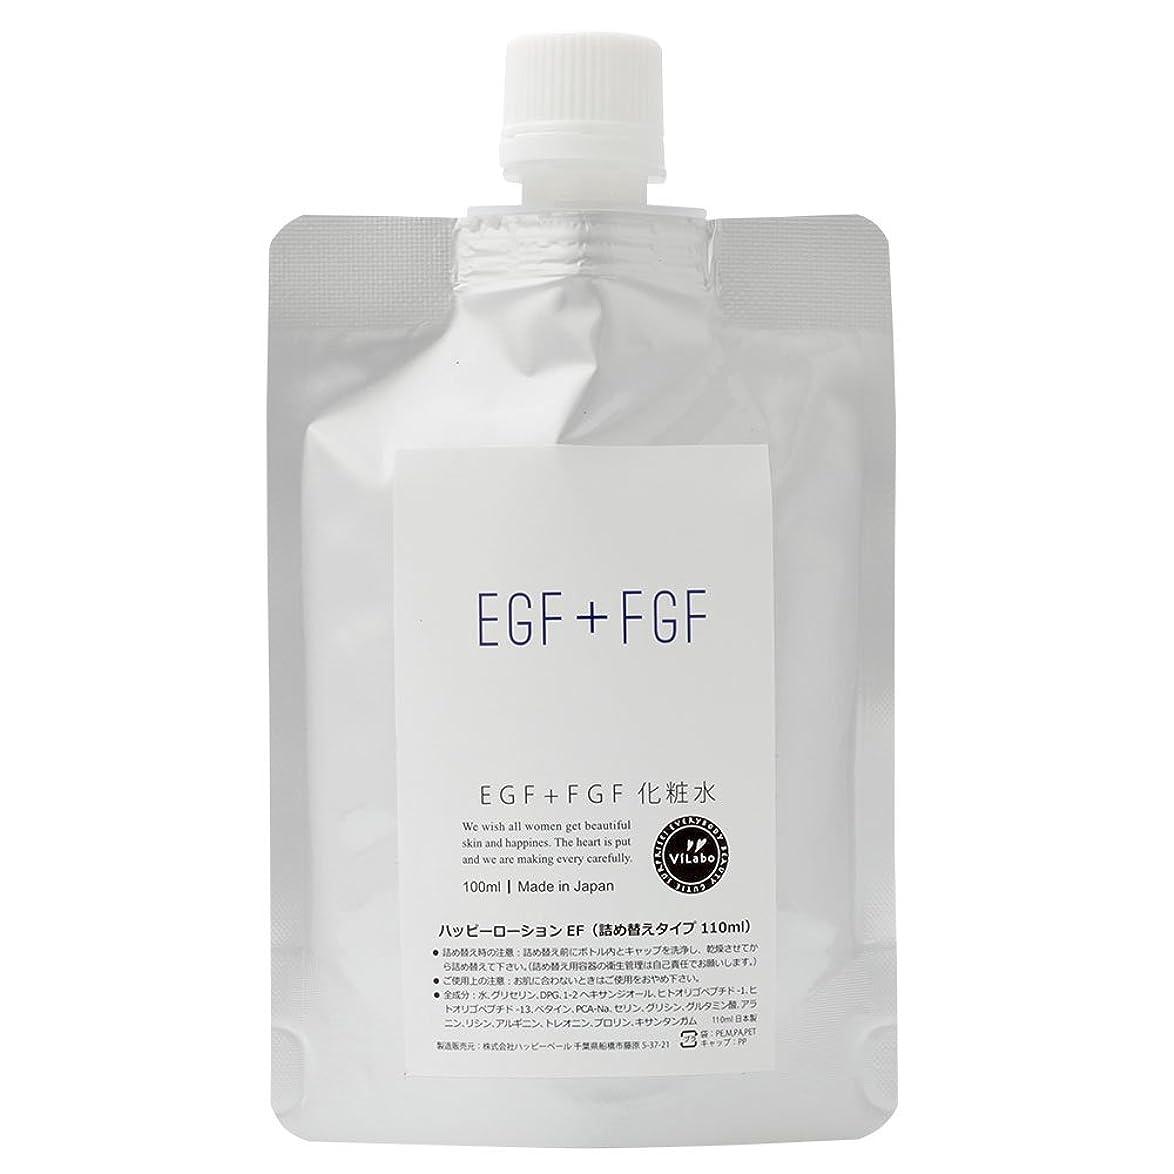 ここにフロントいとこEGF+FGF化粧水-天然温泉水+高級美容成分の浸透型化粧水-品名:ハッピーローションEF ノンパラベン、アルコール、フェノキシエタノール、石油系合成界面活性剤無添加 (詰め替えパウチ110ml)